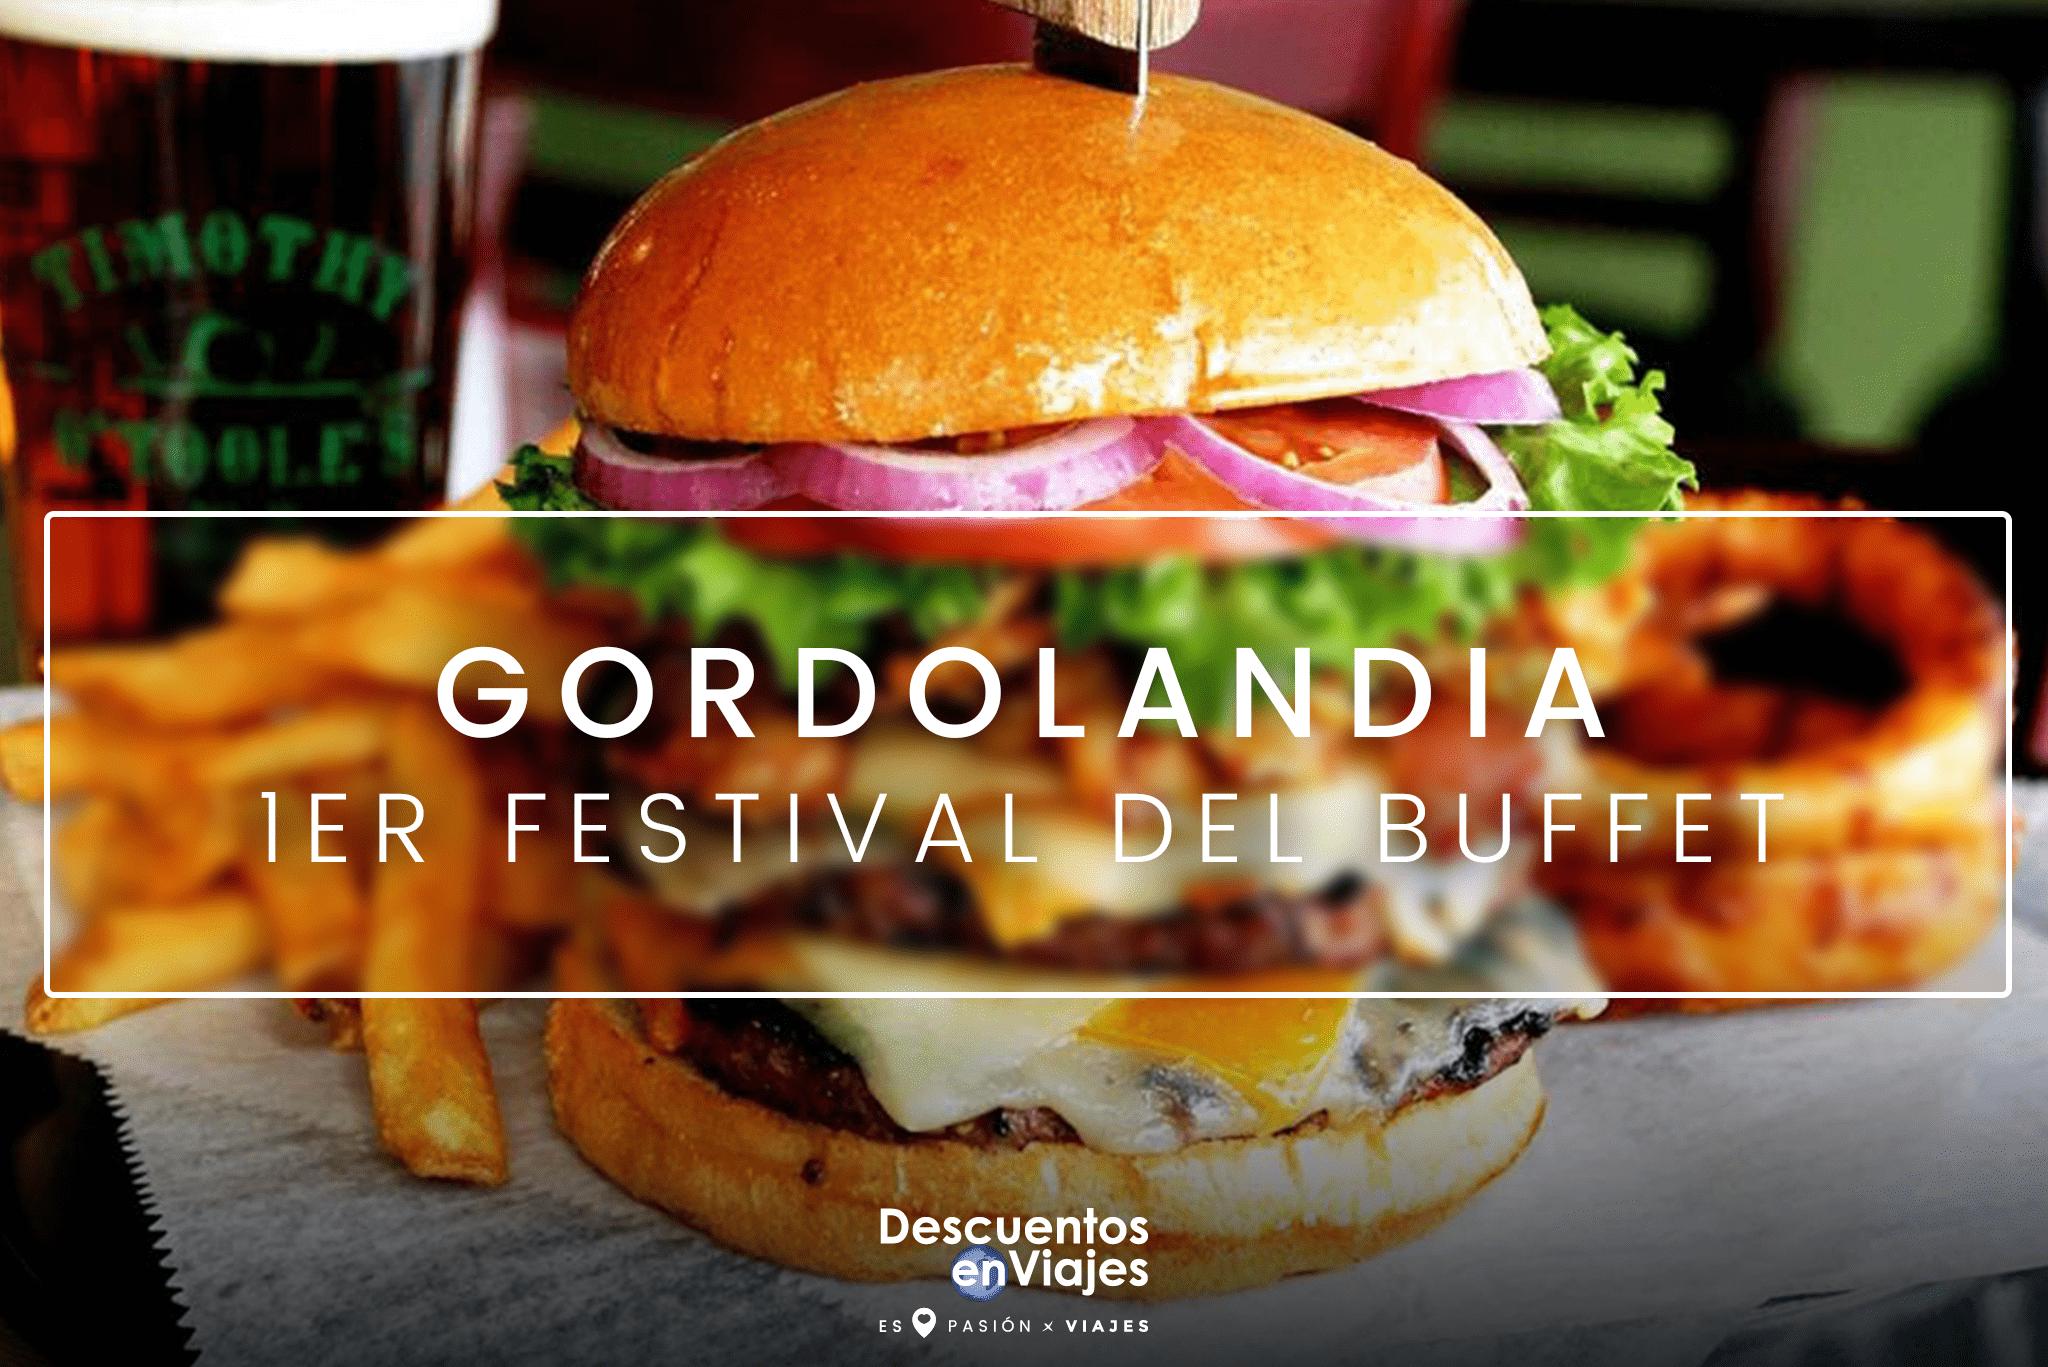 Gordolandia 1er Festival del Buffet